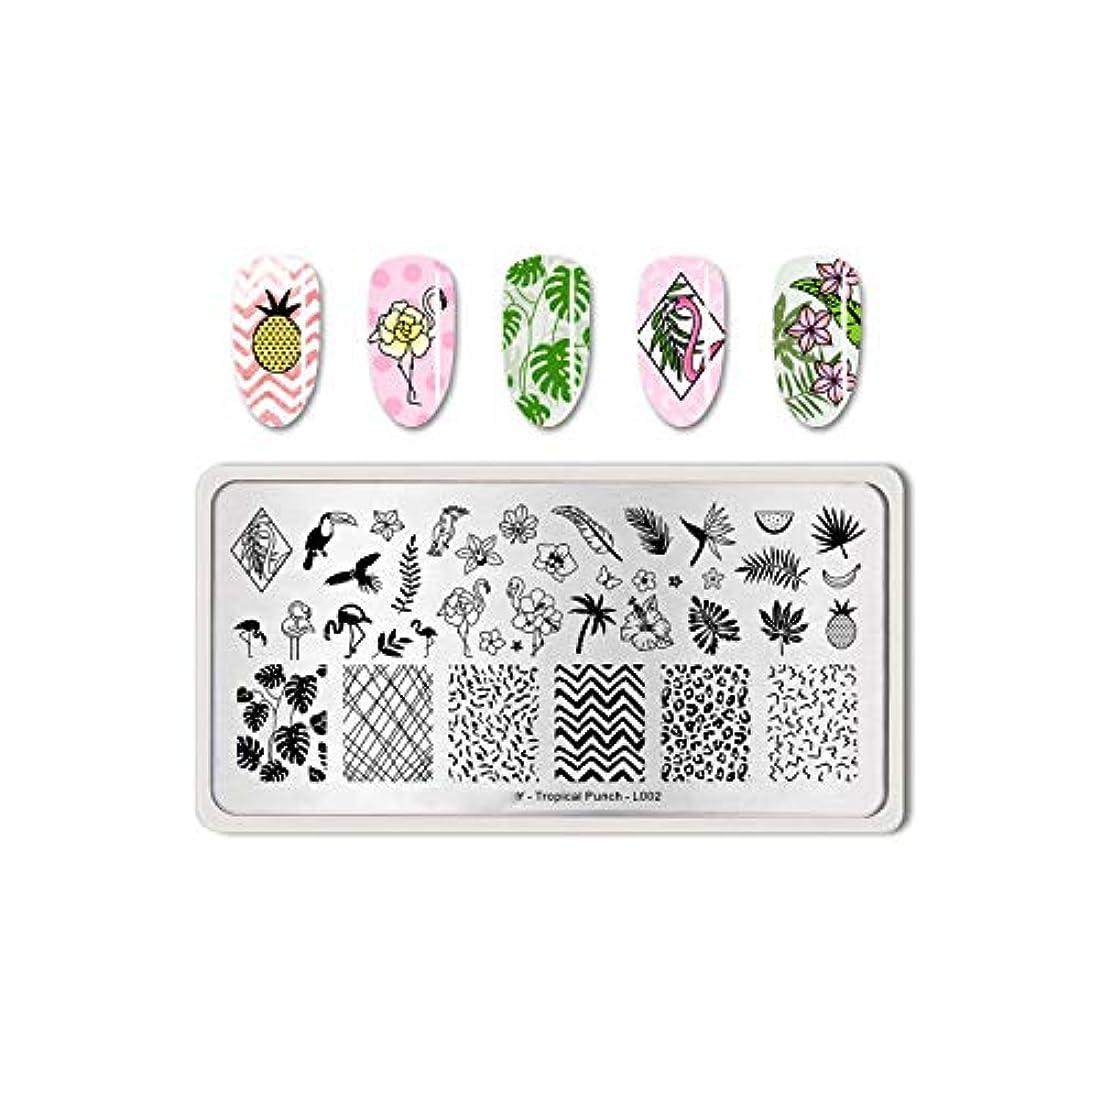 ルーム雪の噛むフルーツネイルアートスタンピングテンプレートトロピカルパンチパターン長方形イメージプレートスタンピング,Tropical Punch L002